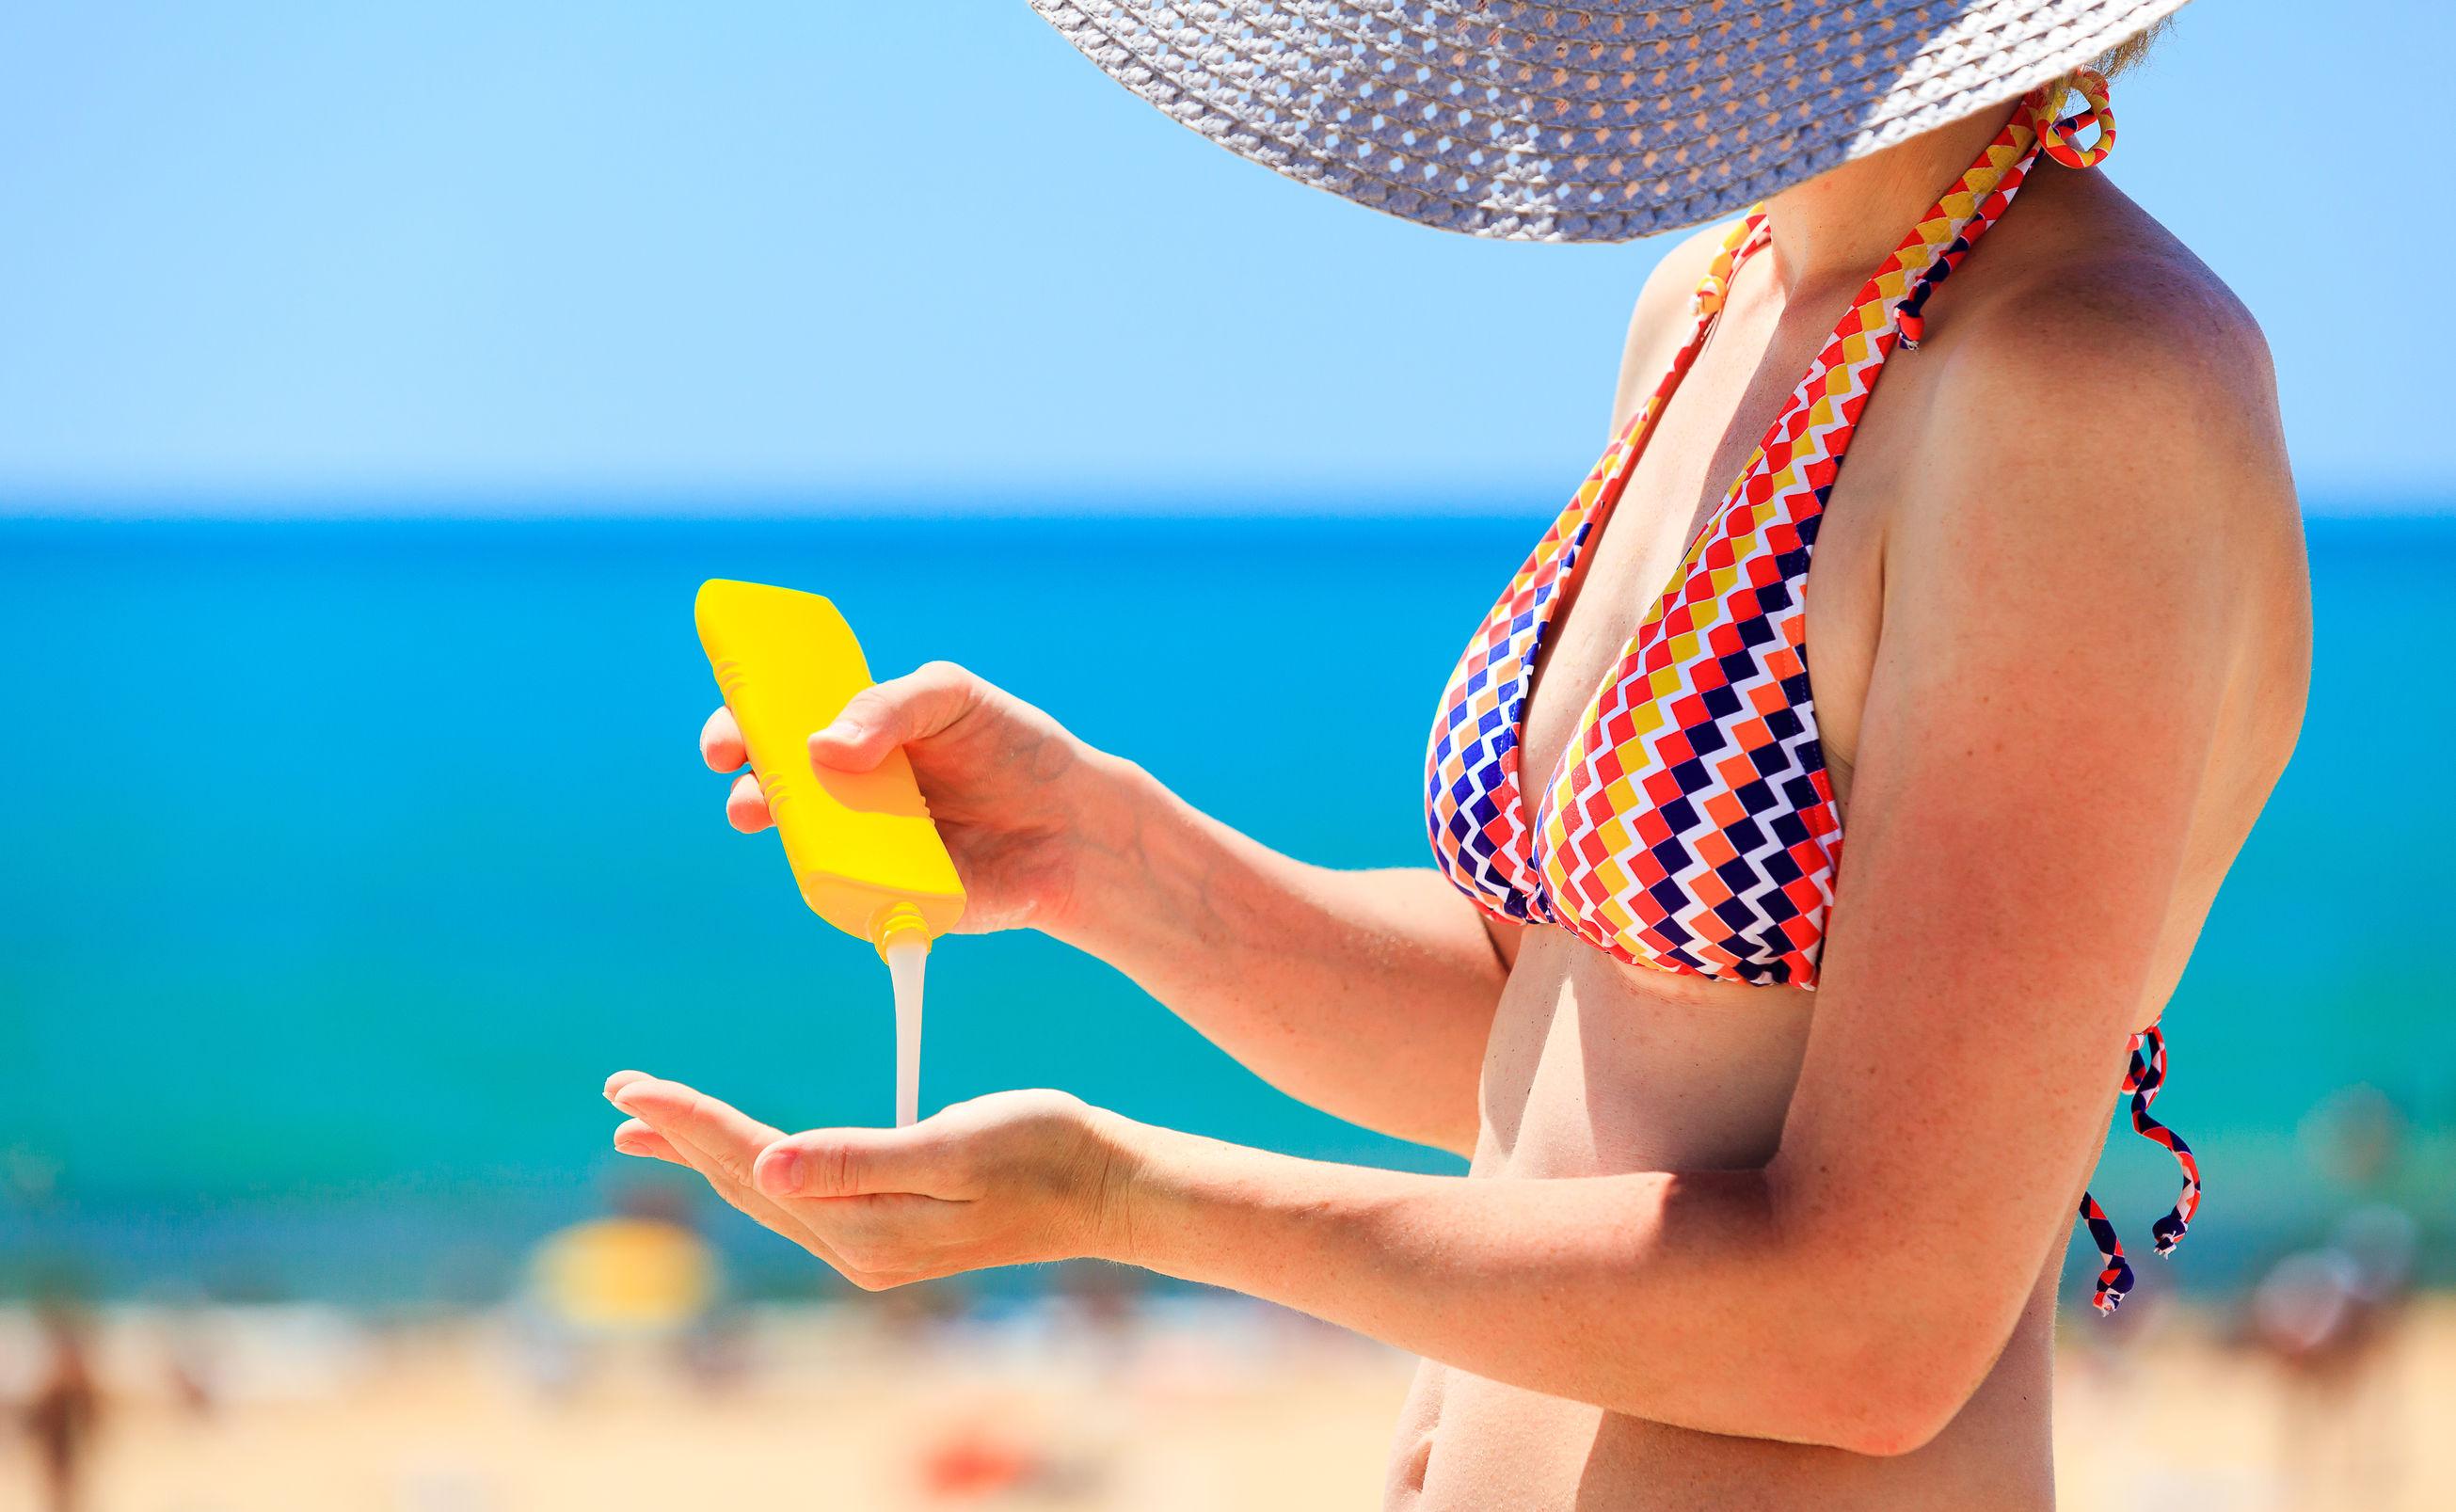 Descubra Como Proteger Corretamente A Sua Pele Durante O Verão